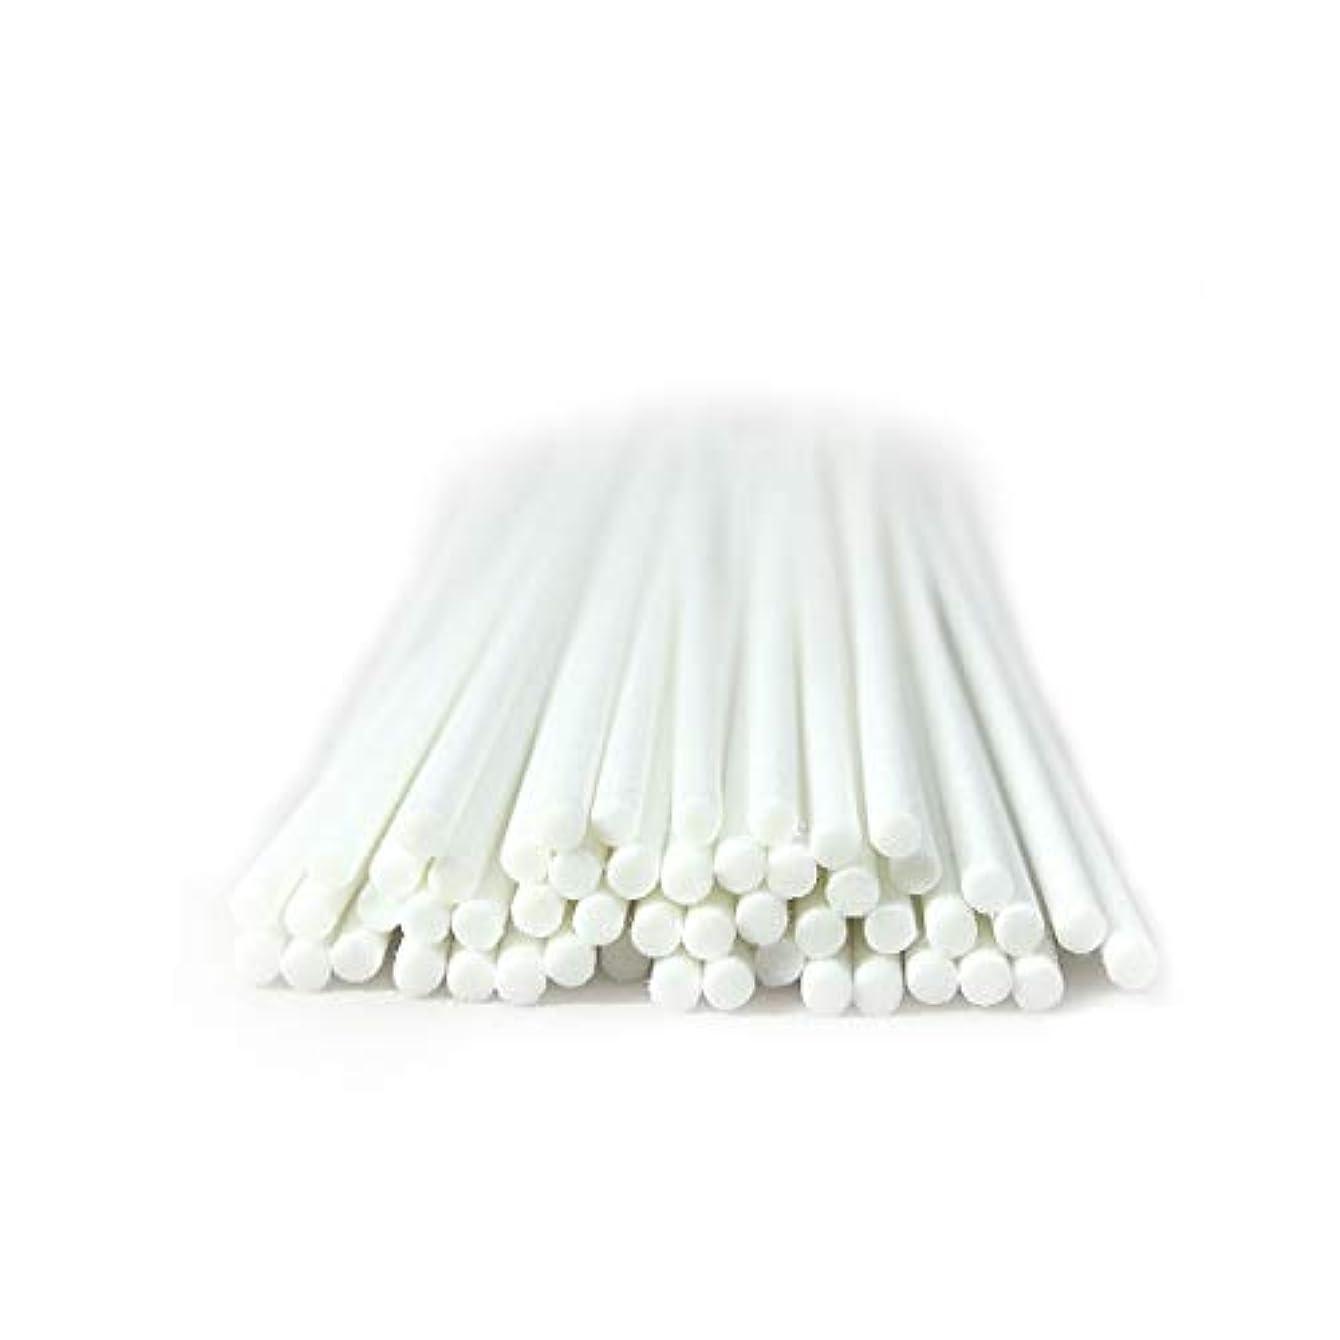 食料品店略す不注意家の芳香のための50本 セット繊維のリードの拡散器の棒 (20cm*3mm, 白)